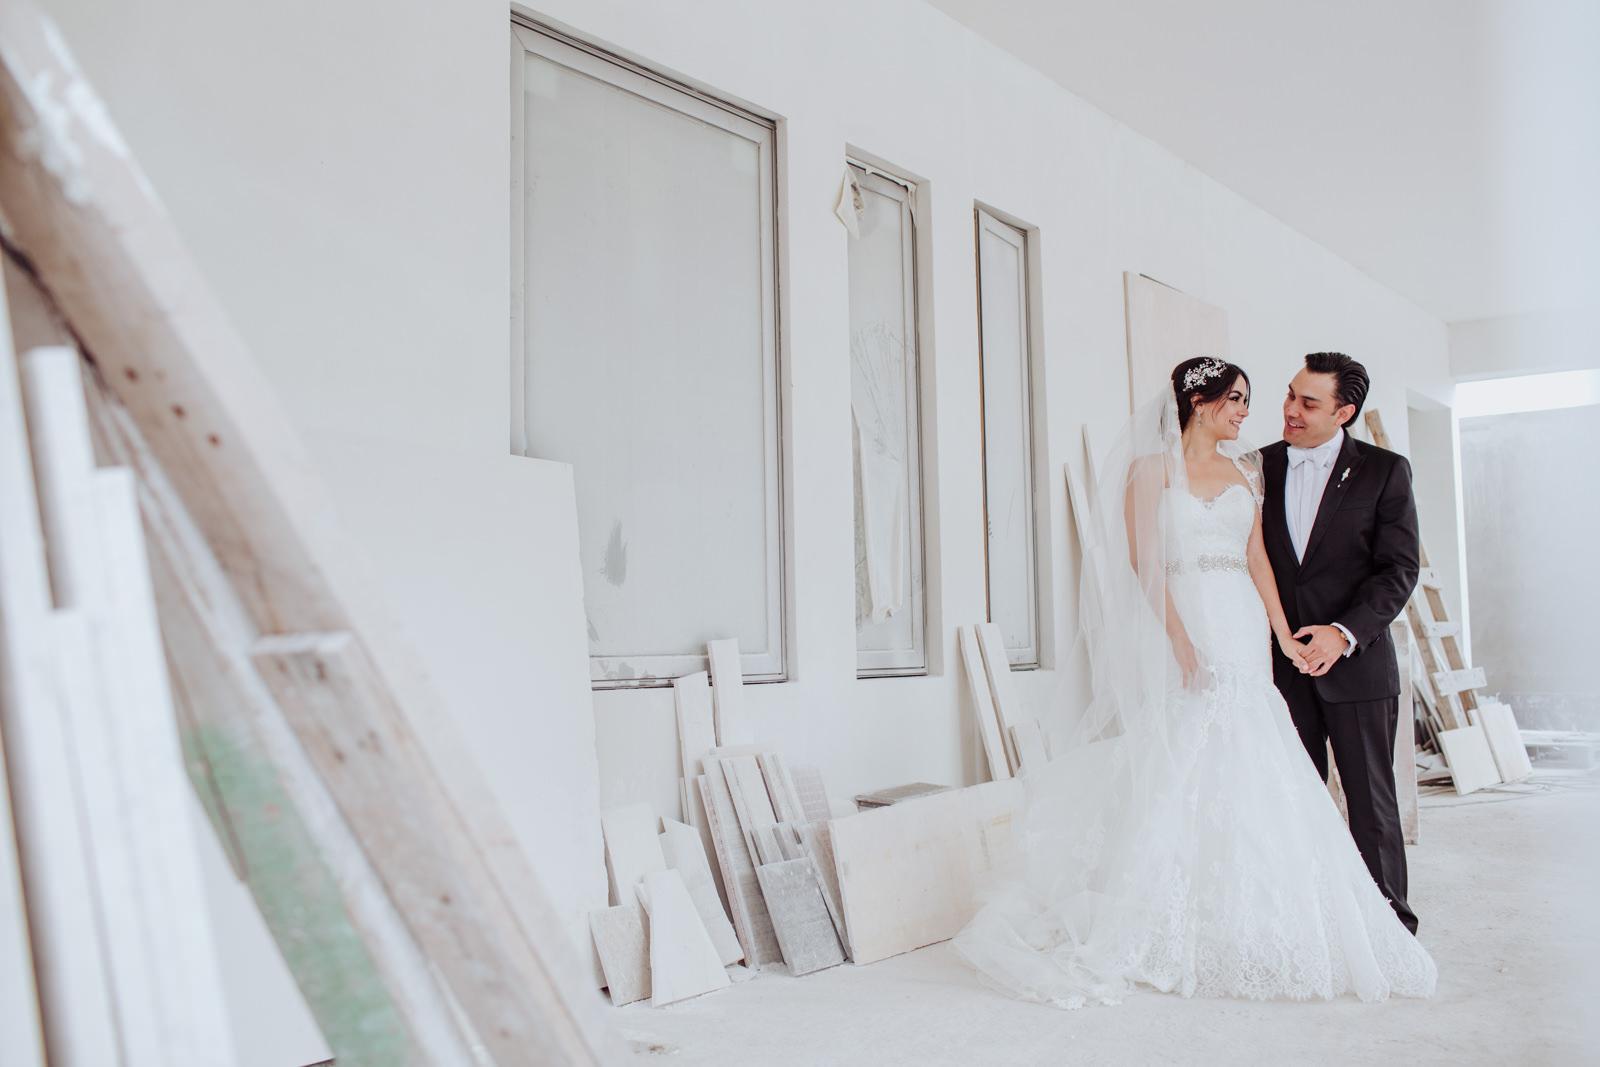 boda-en-club-montebello-torreon-armando-aragon-030